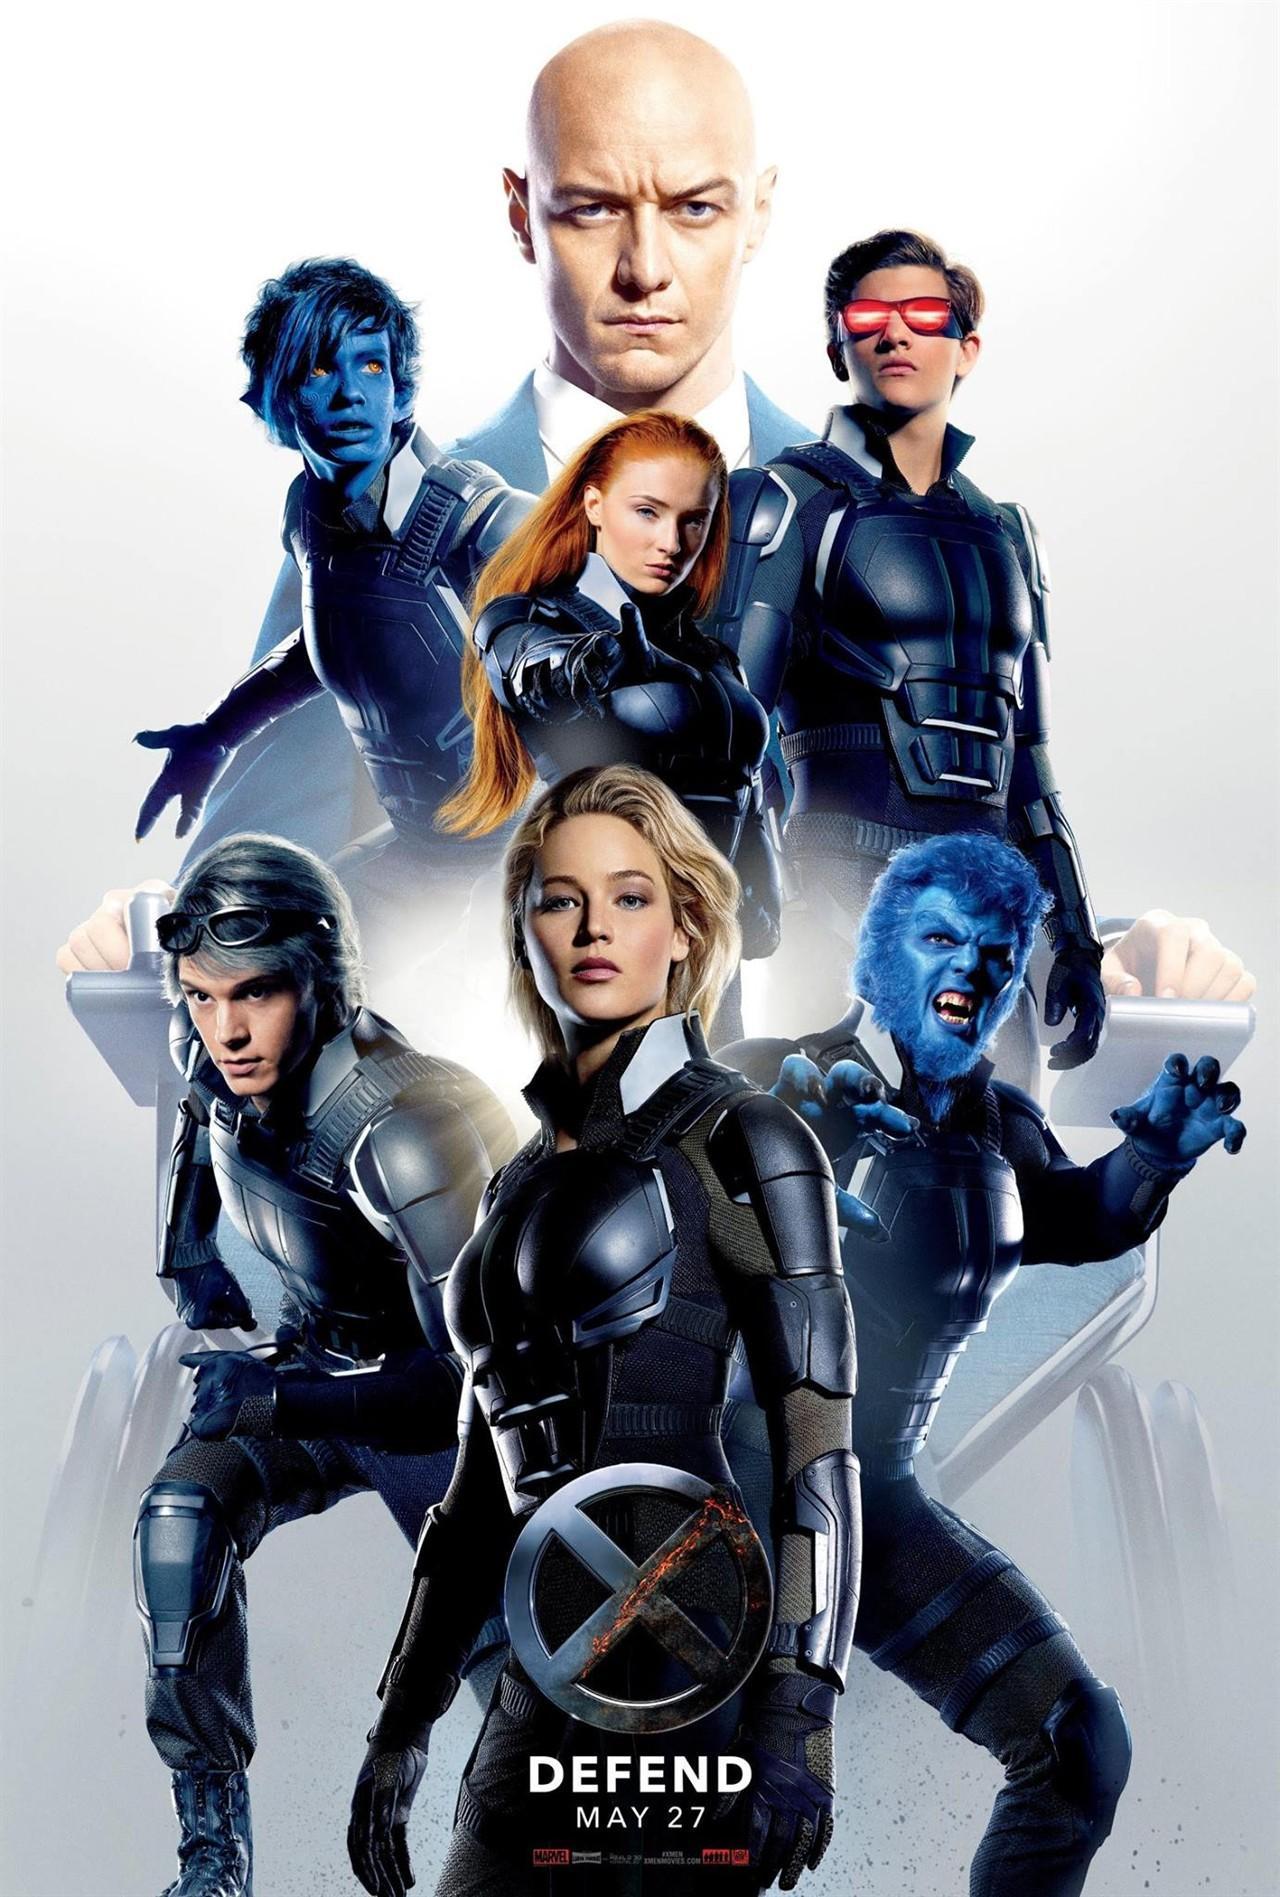 《X战警:天启》再发新海报 正义阵营集结 光头X教授神情严肃